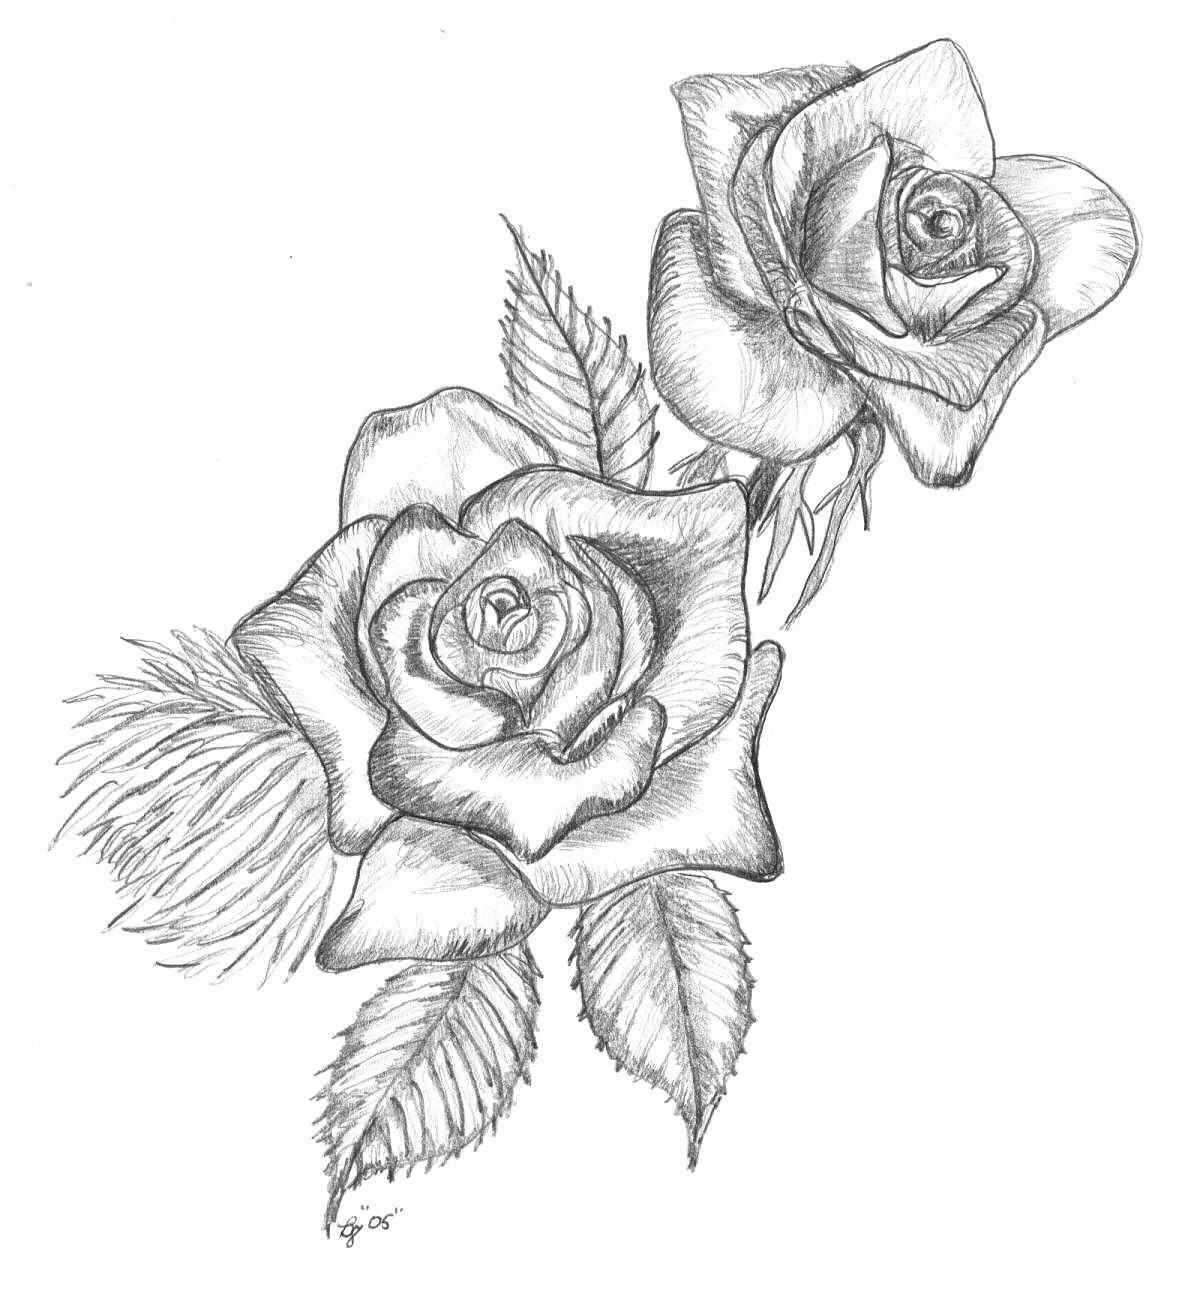 Hoa hồng được vẽ bằng bút chì hình ảnh đẹp nhất